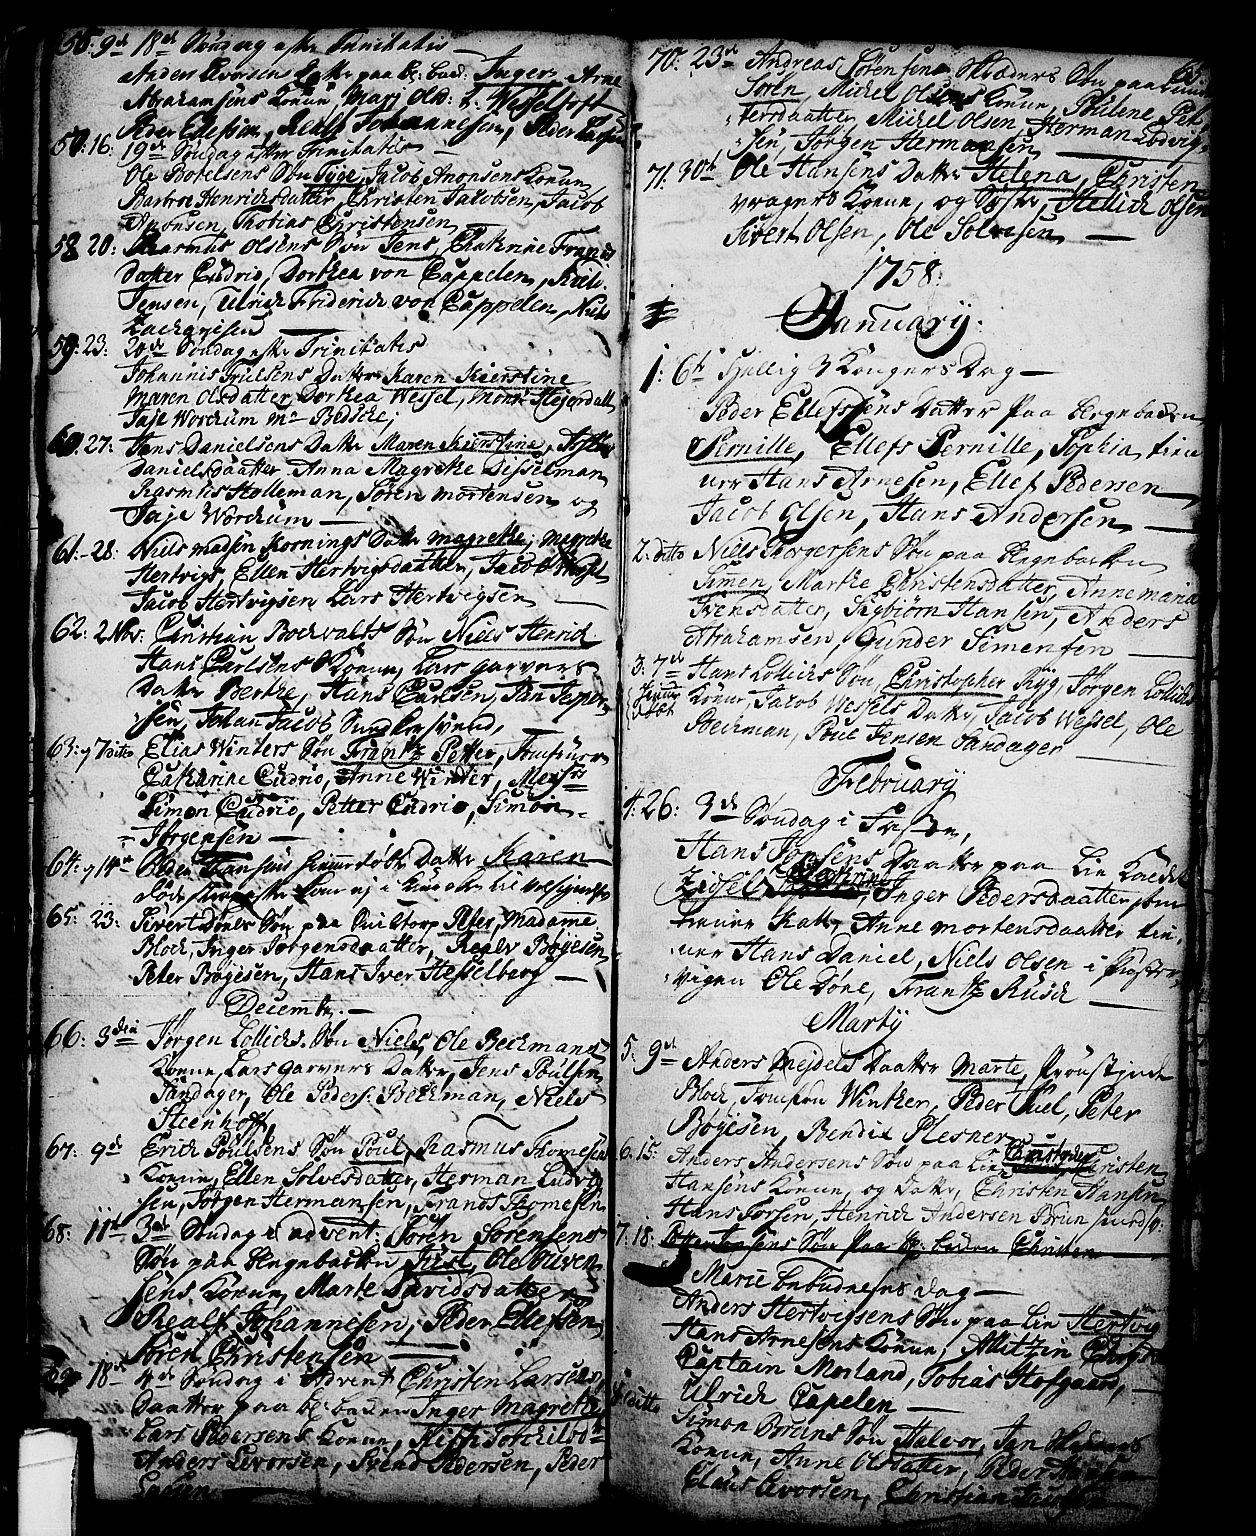 SAKO, Skien kirkebøker, G/Ga/L0001: Klokkerbok nr. 1, 1756-1791, s. 65